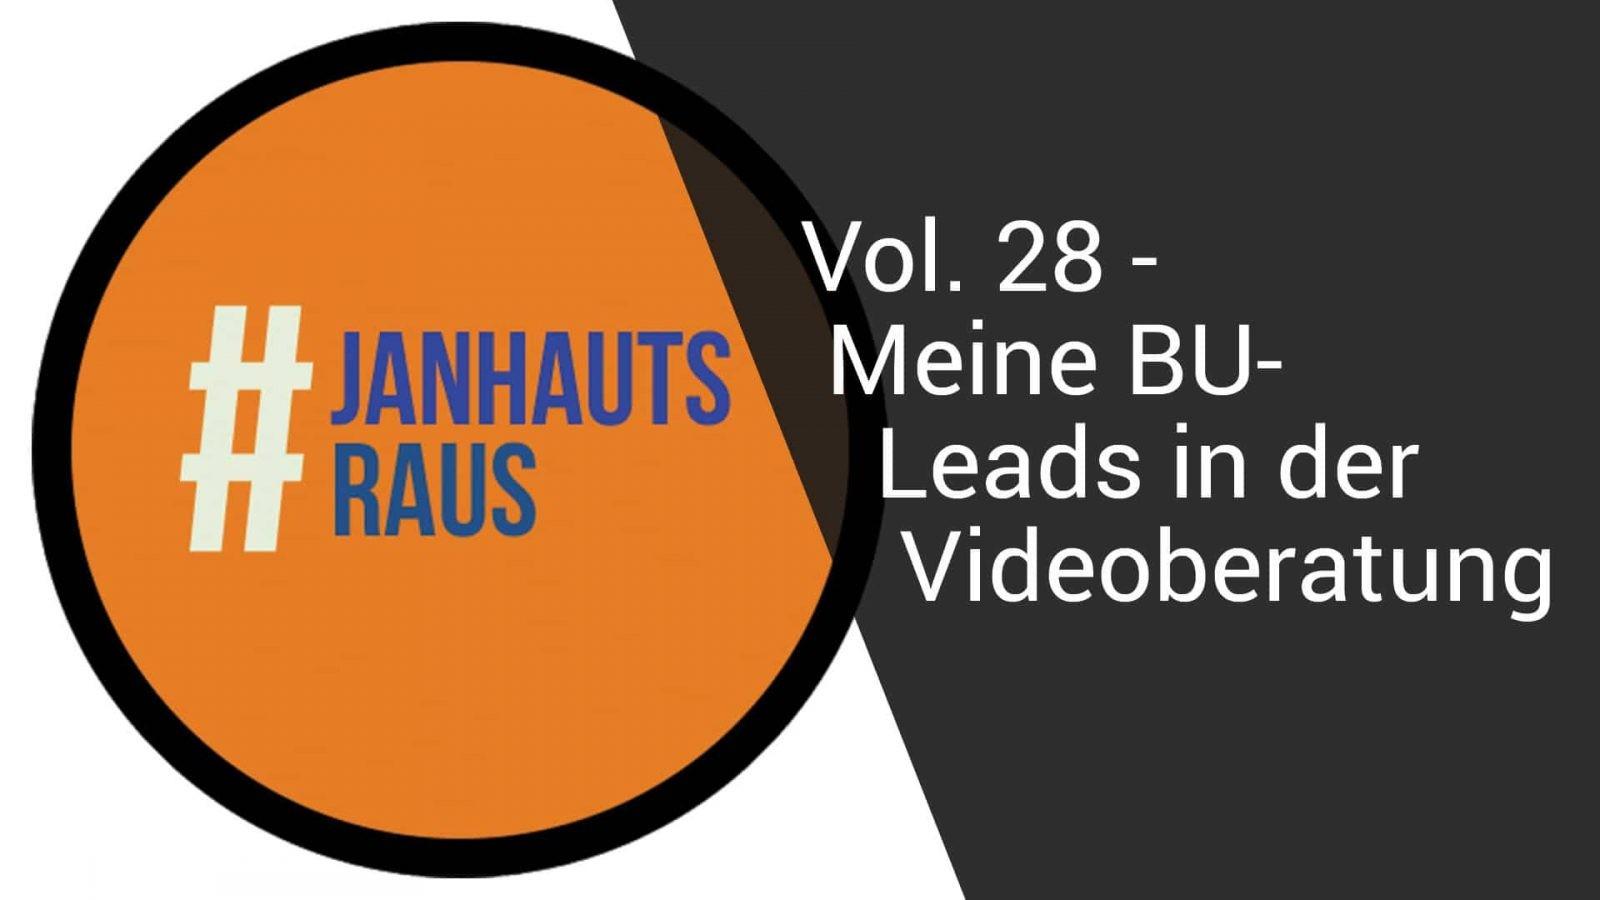 #janhautsraus - Vol. 28 - Meine Leads in der Videoberatung